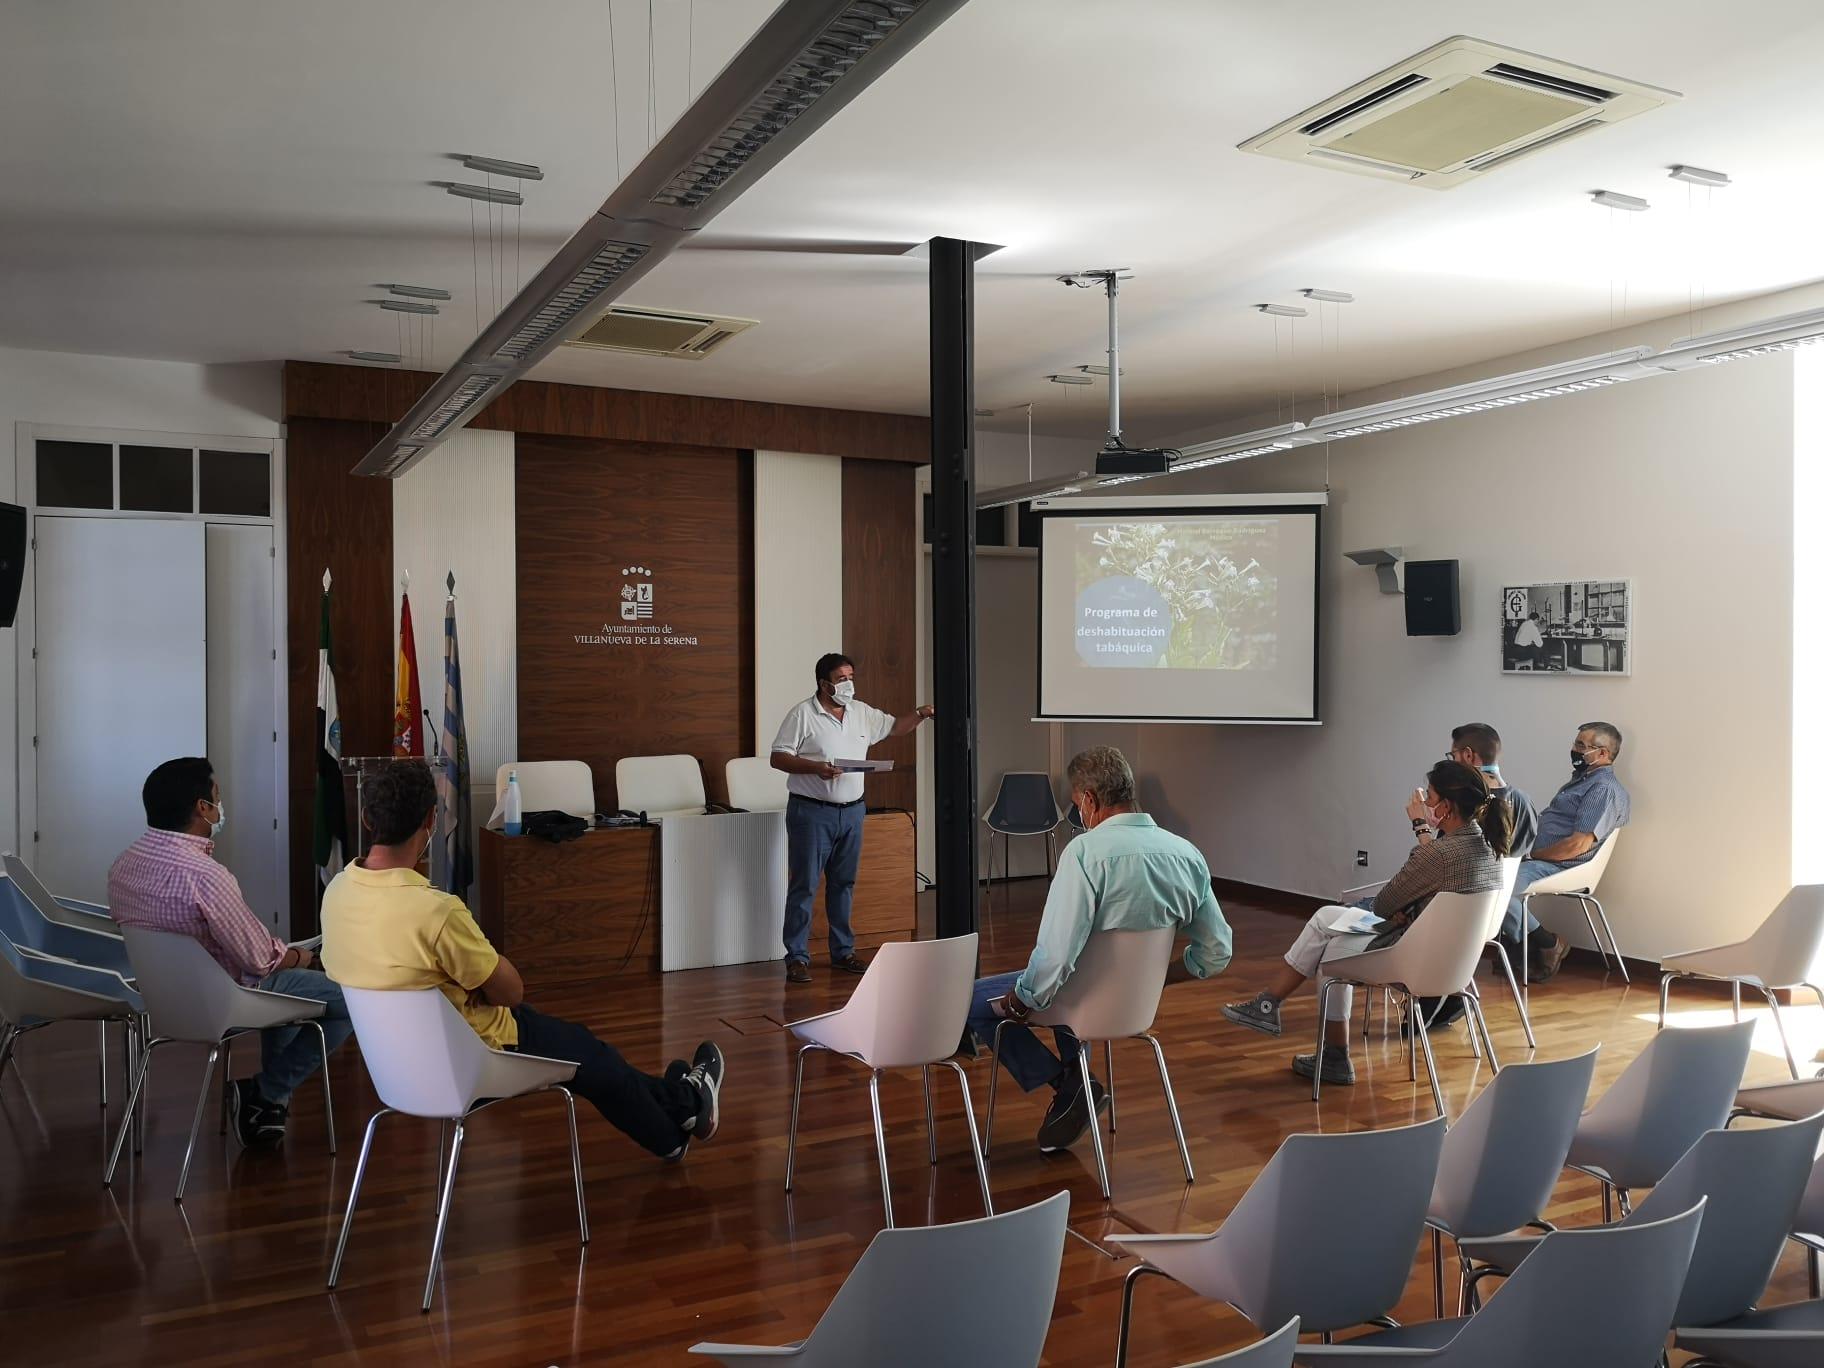 Comienza una nueva edición del curso de deshabituación tabáquica